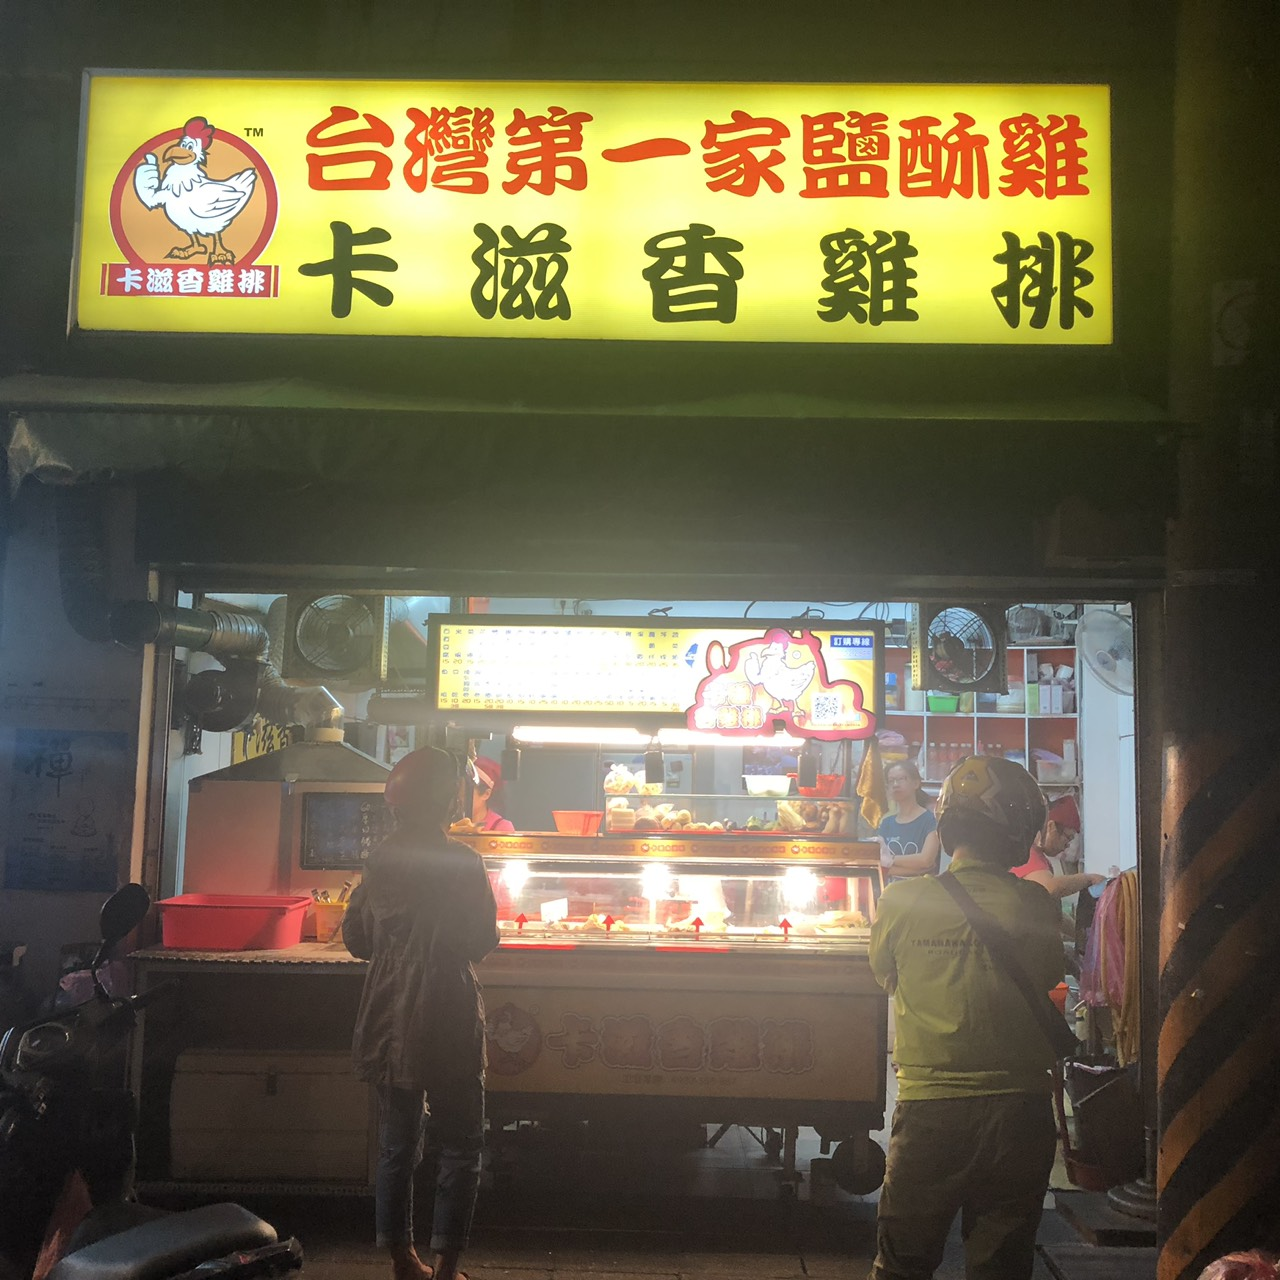 【食記】北投台灣第一家鹽酥雞|北投市場宵夜鹽酥雞|北投溫泉區推薦鹽酥雞|內有菜單